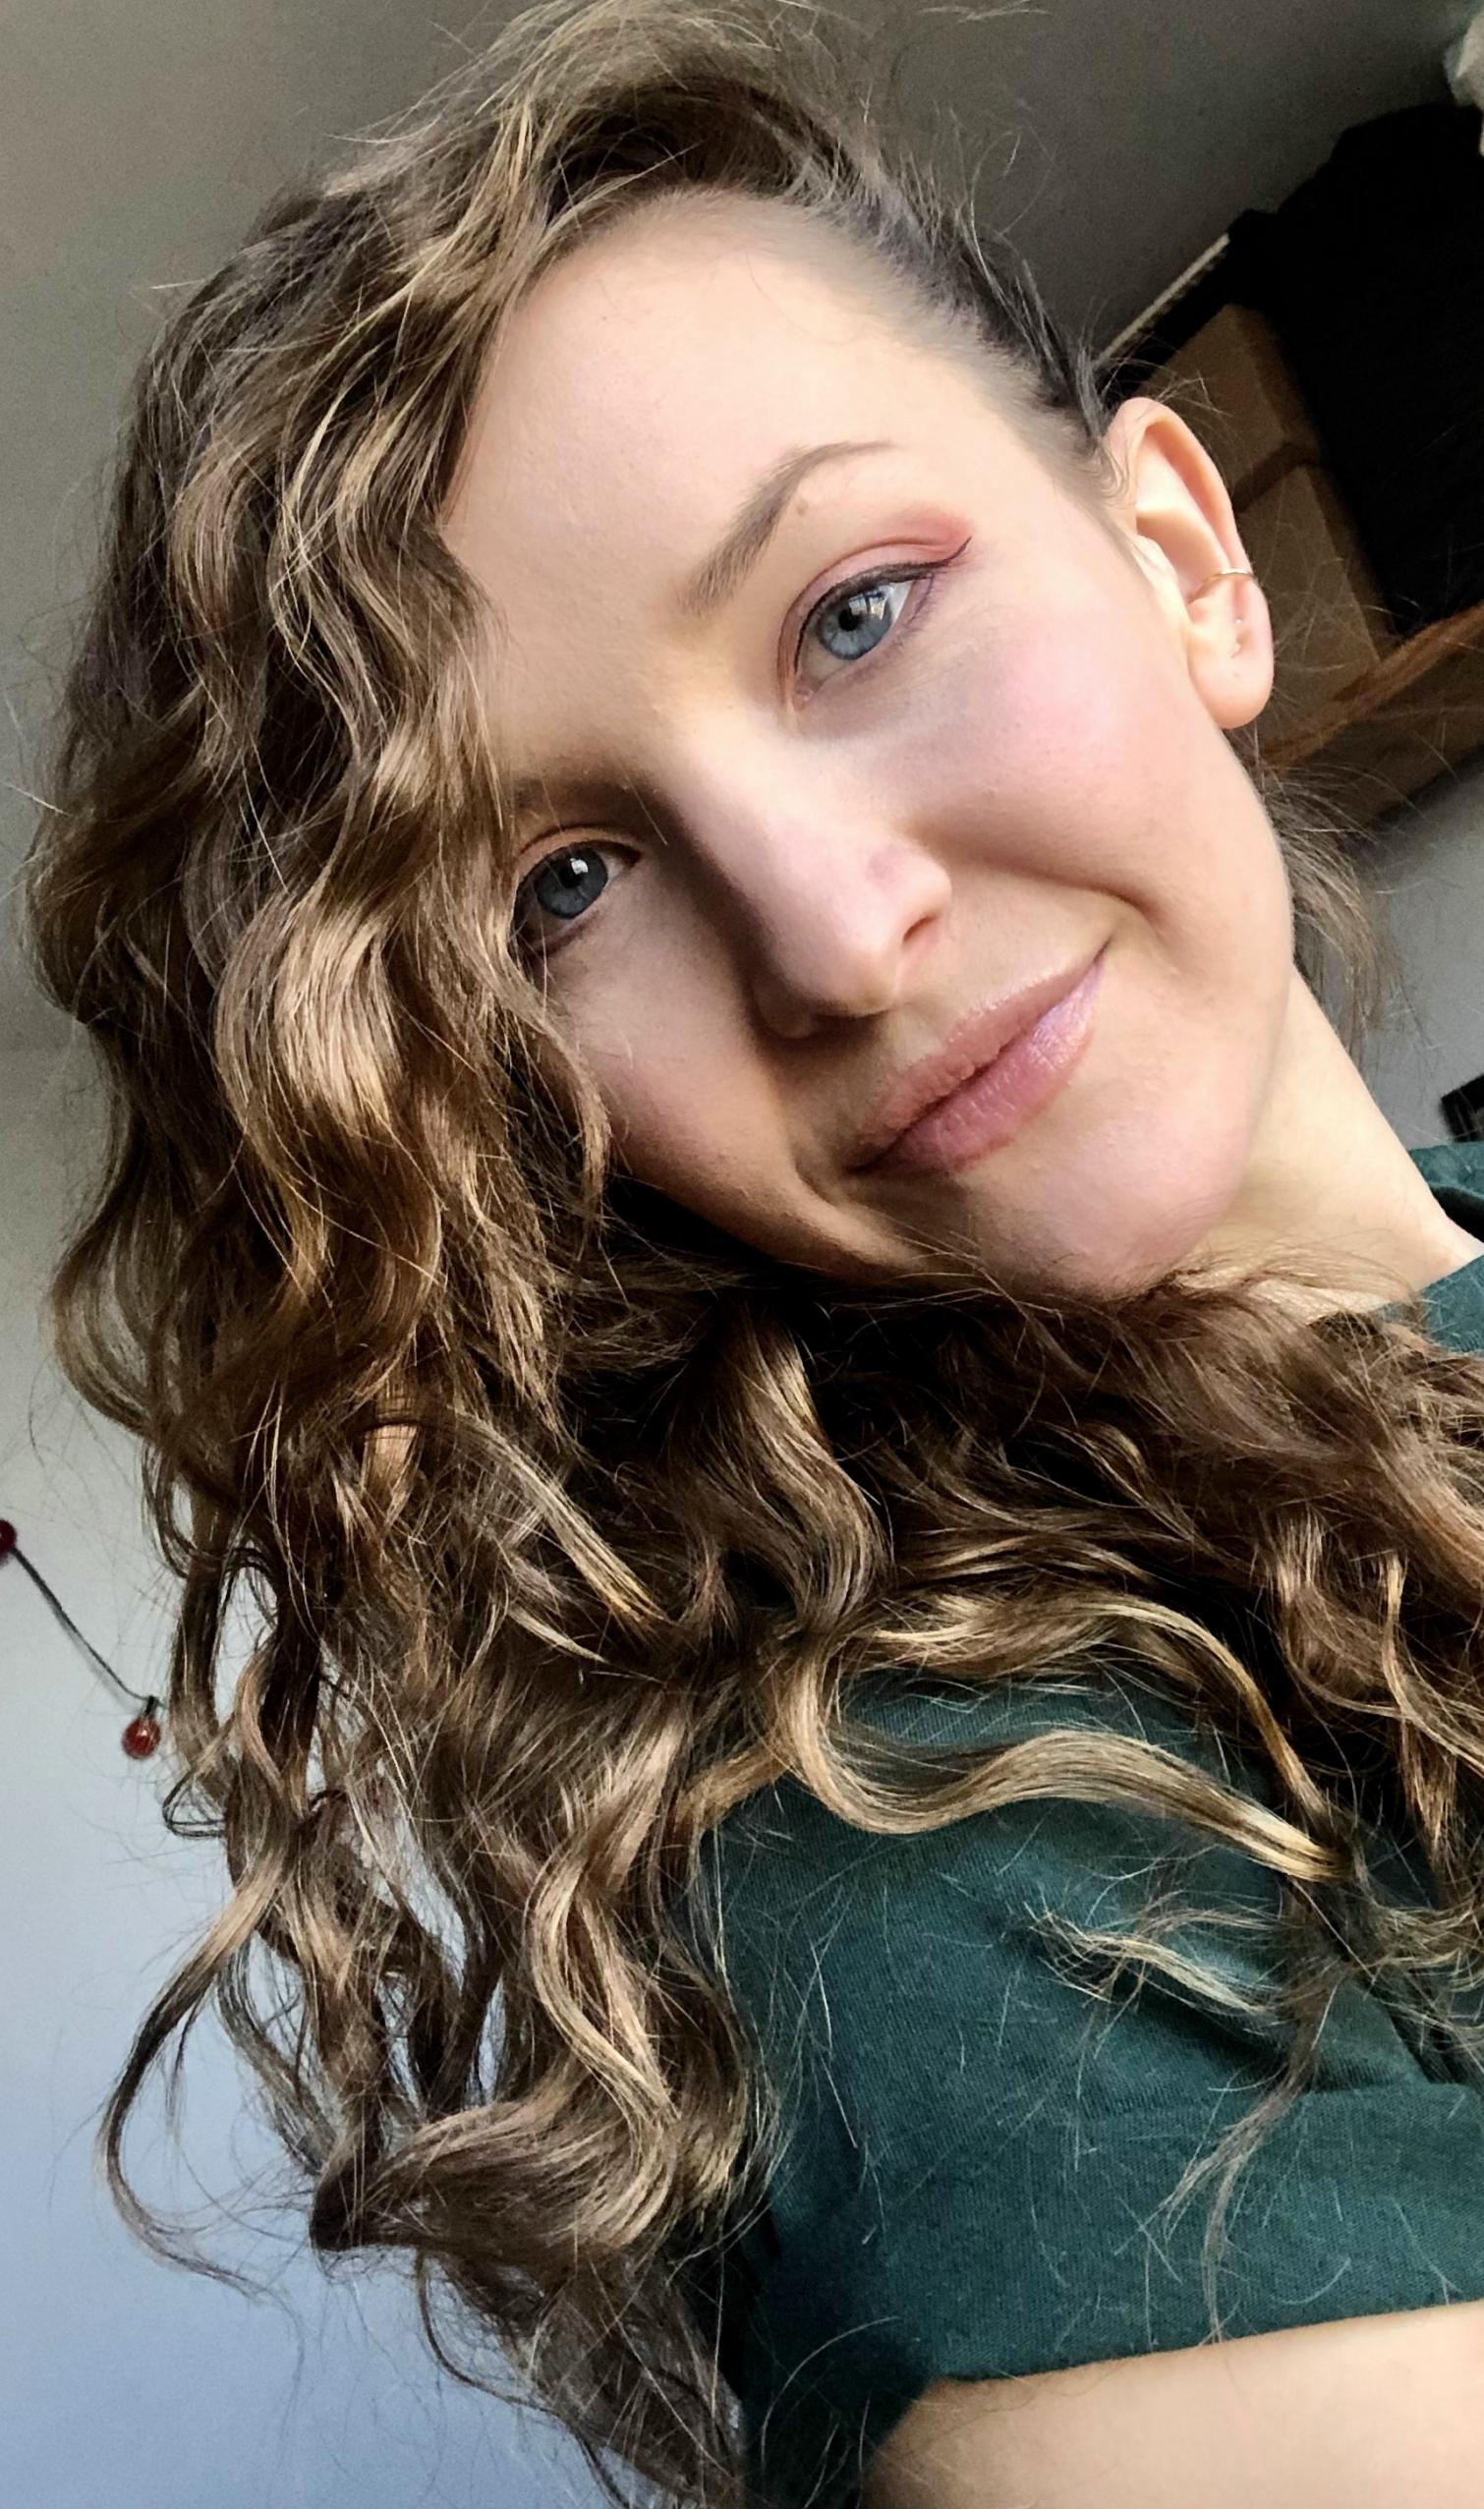 Lauren Soares